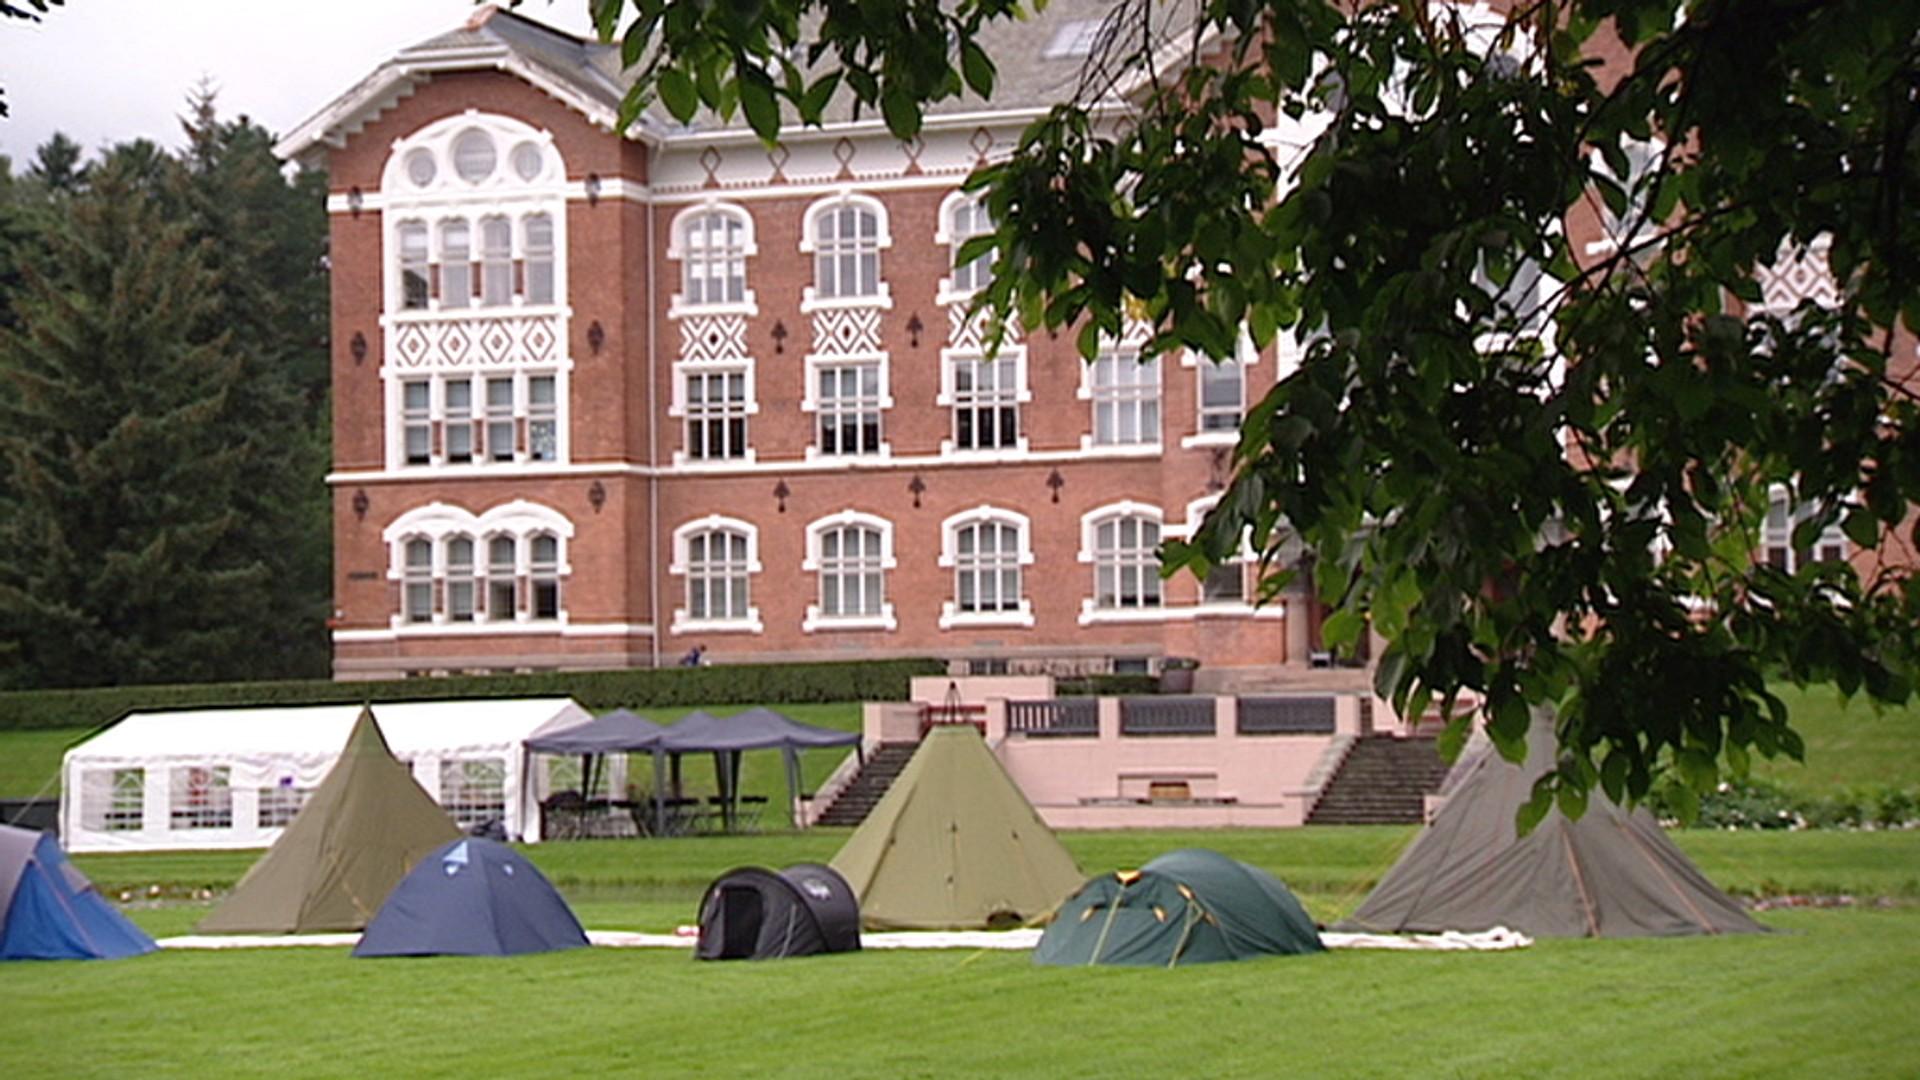 Studenter uten bolig bor i telt – NRK